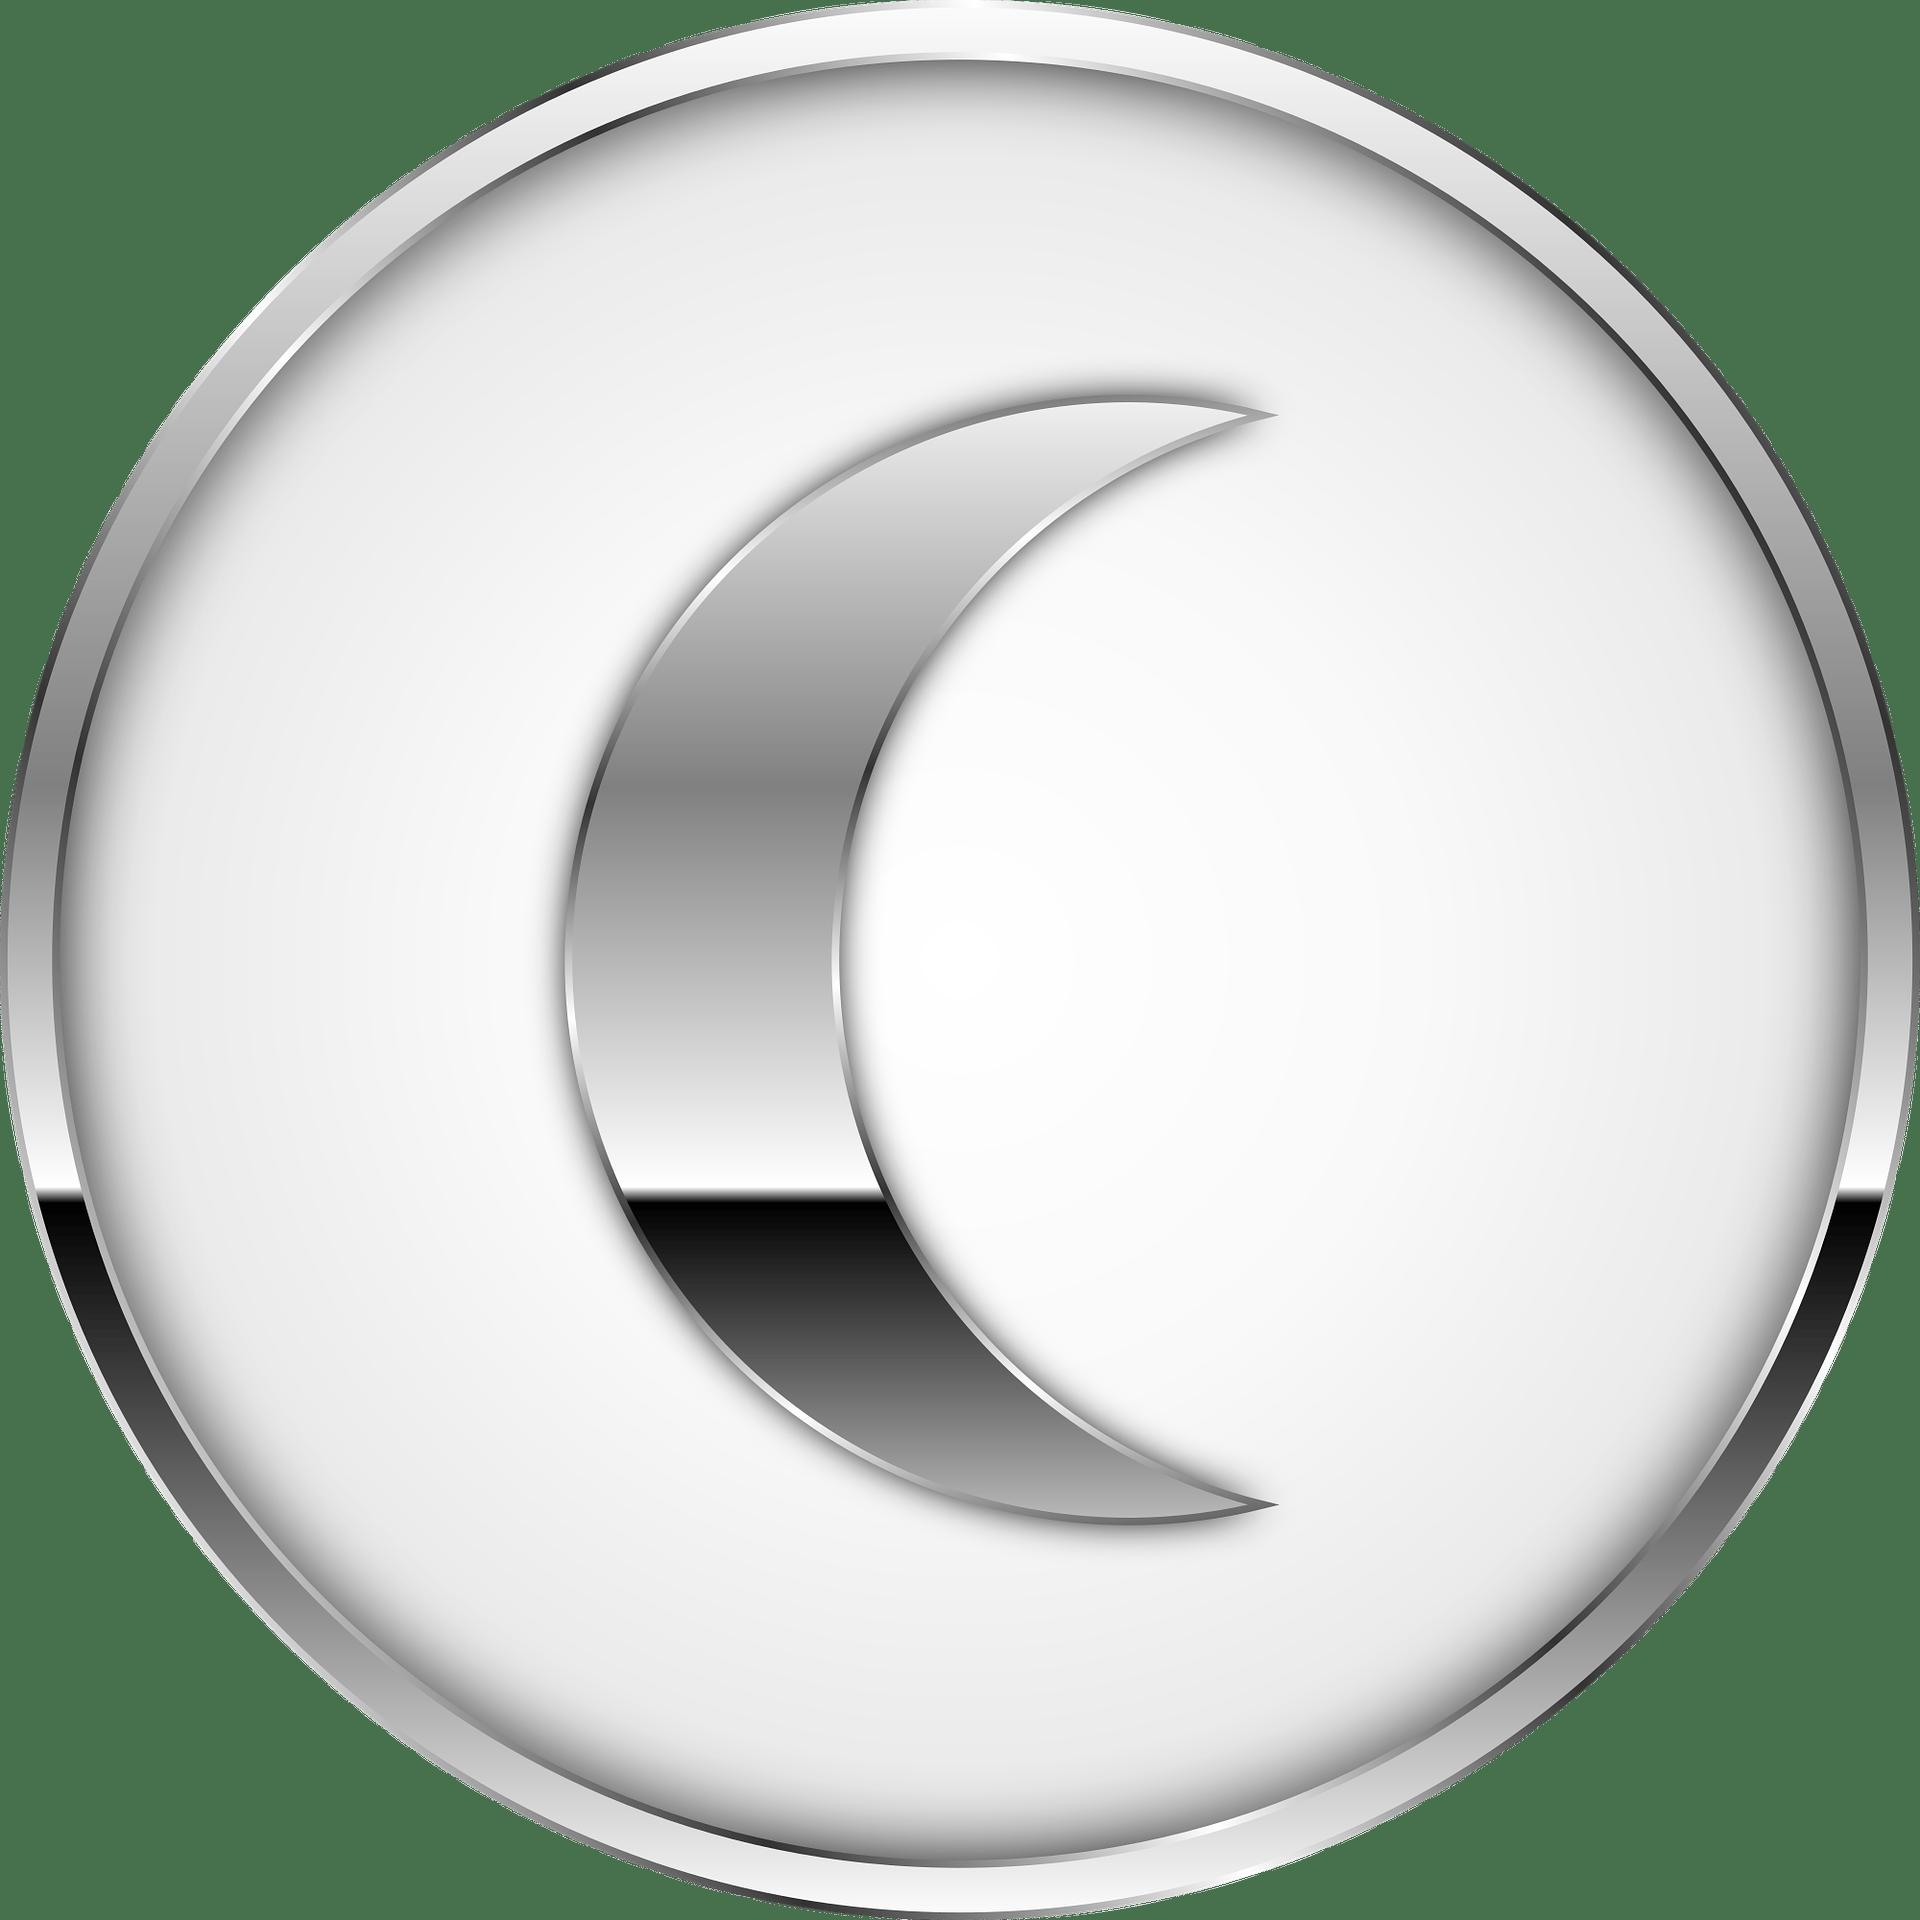 Simbolo della Luna